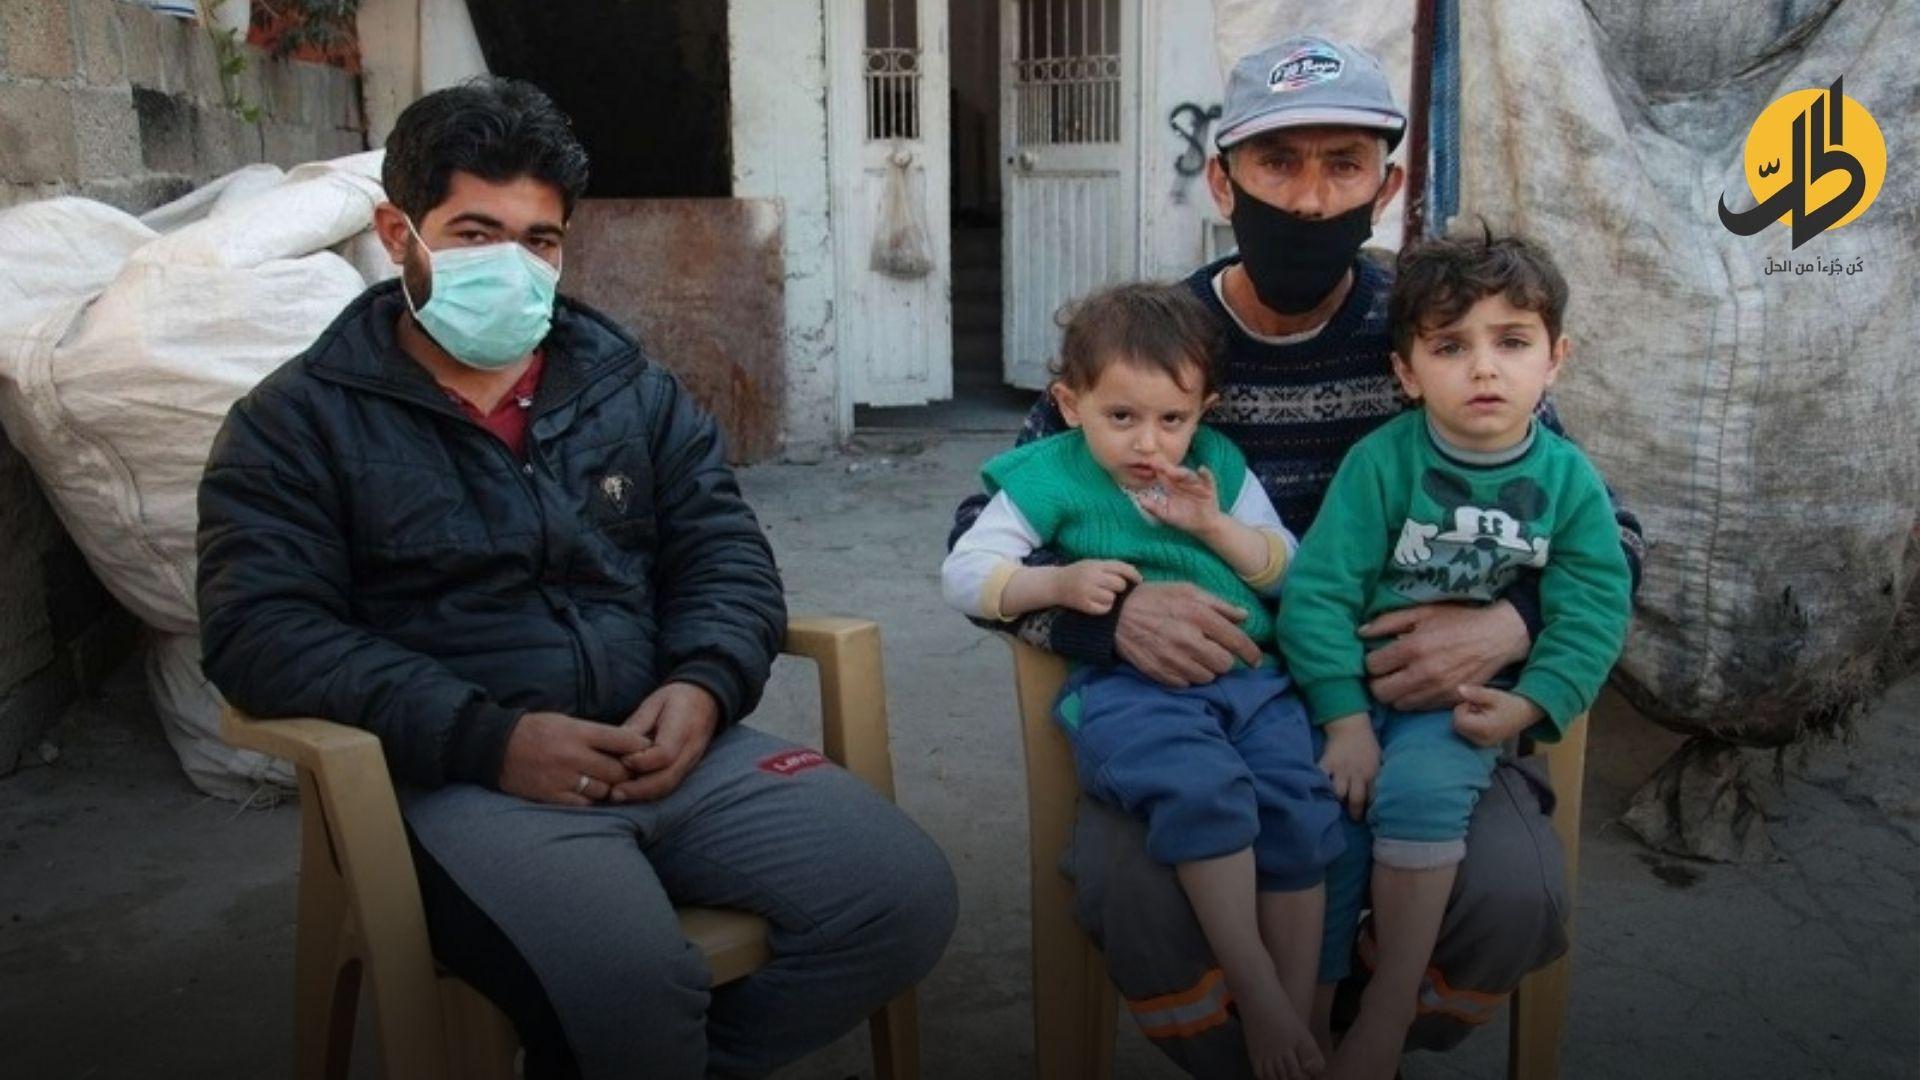 """الشرطة التركية تُرحّل لاجئة سوريّة """"قسراً"""" وعائلتها تناشد"""